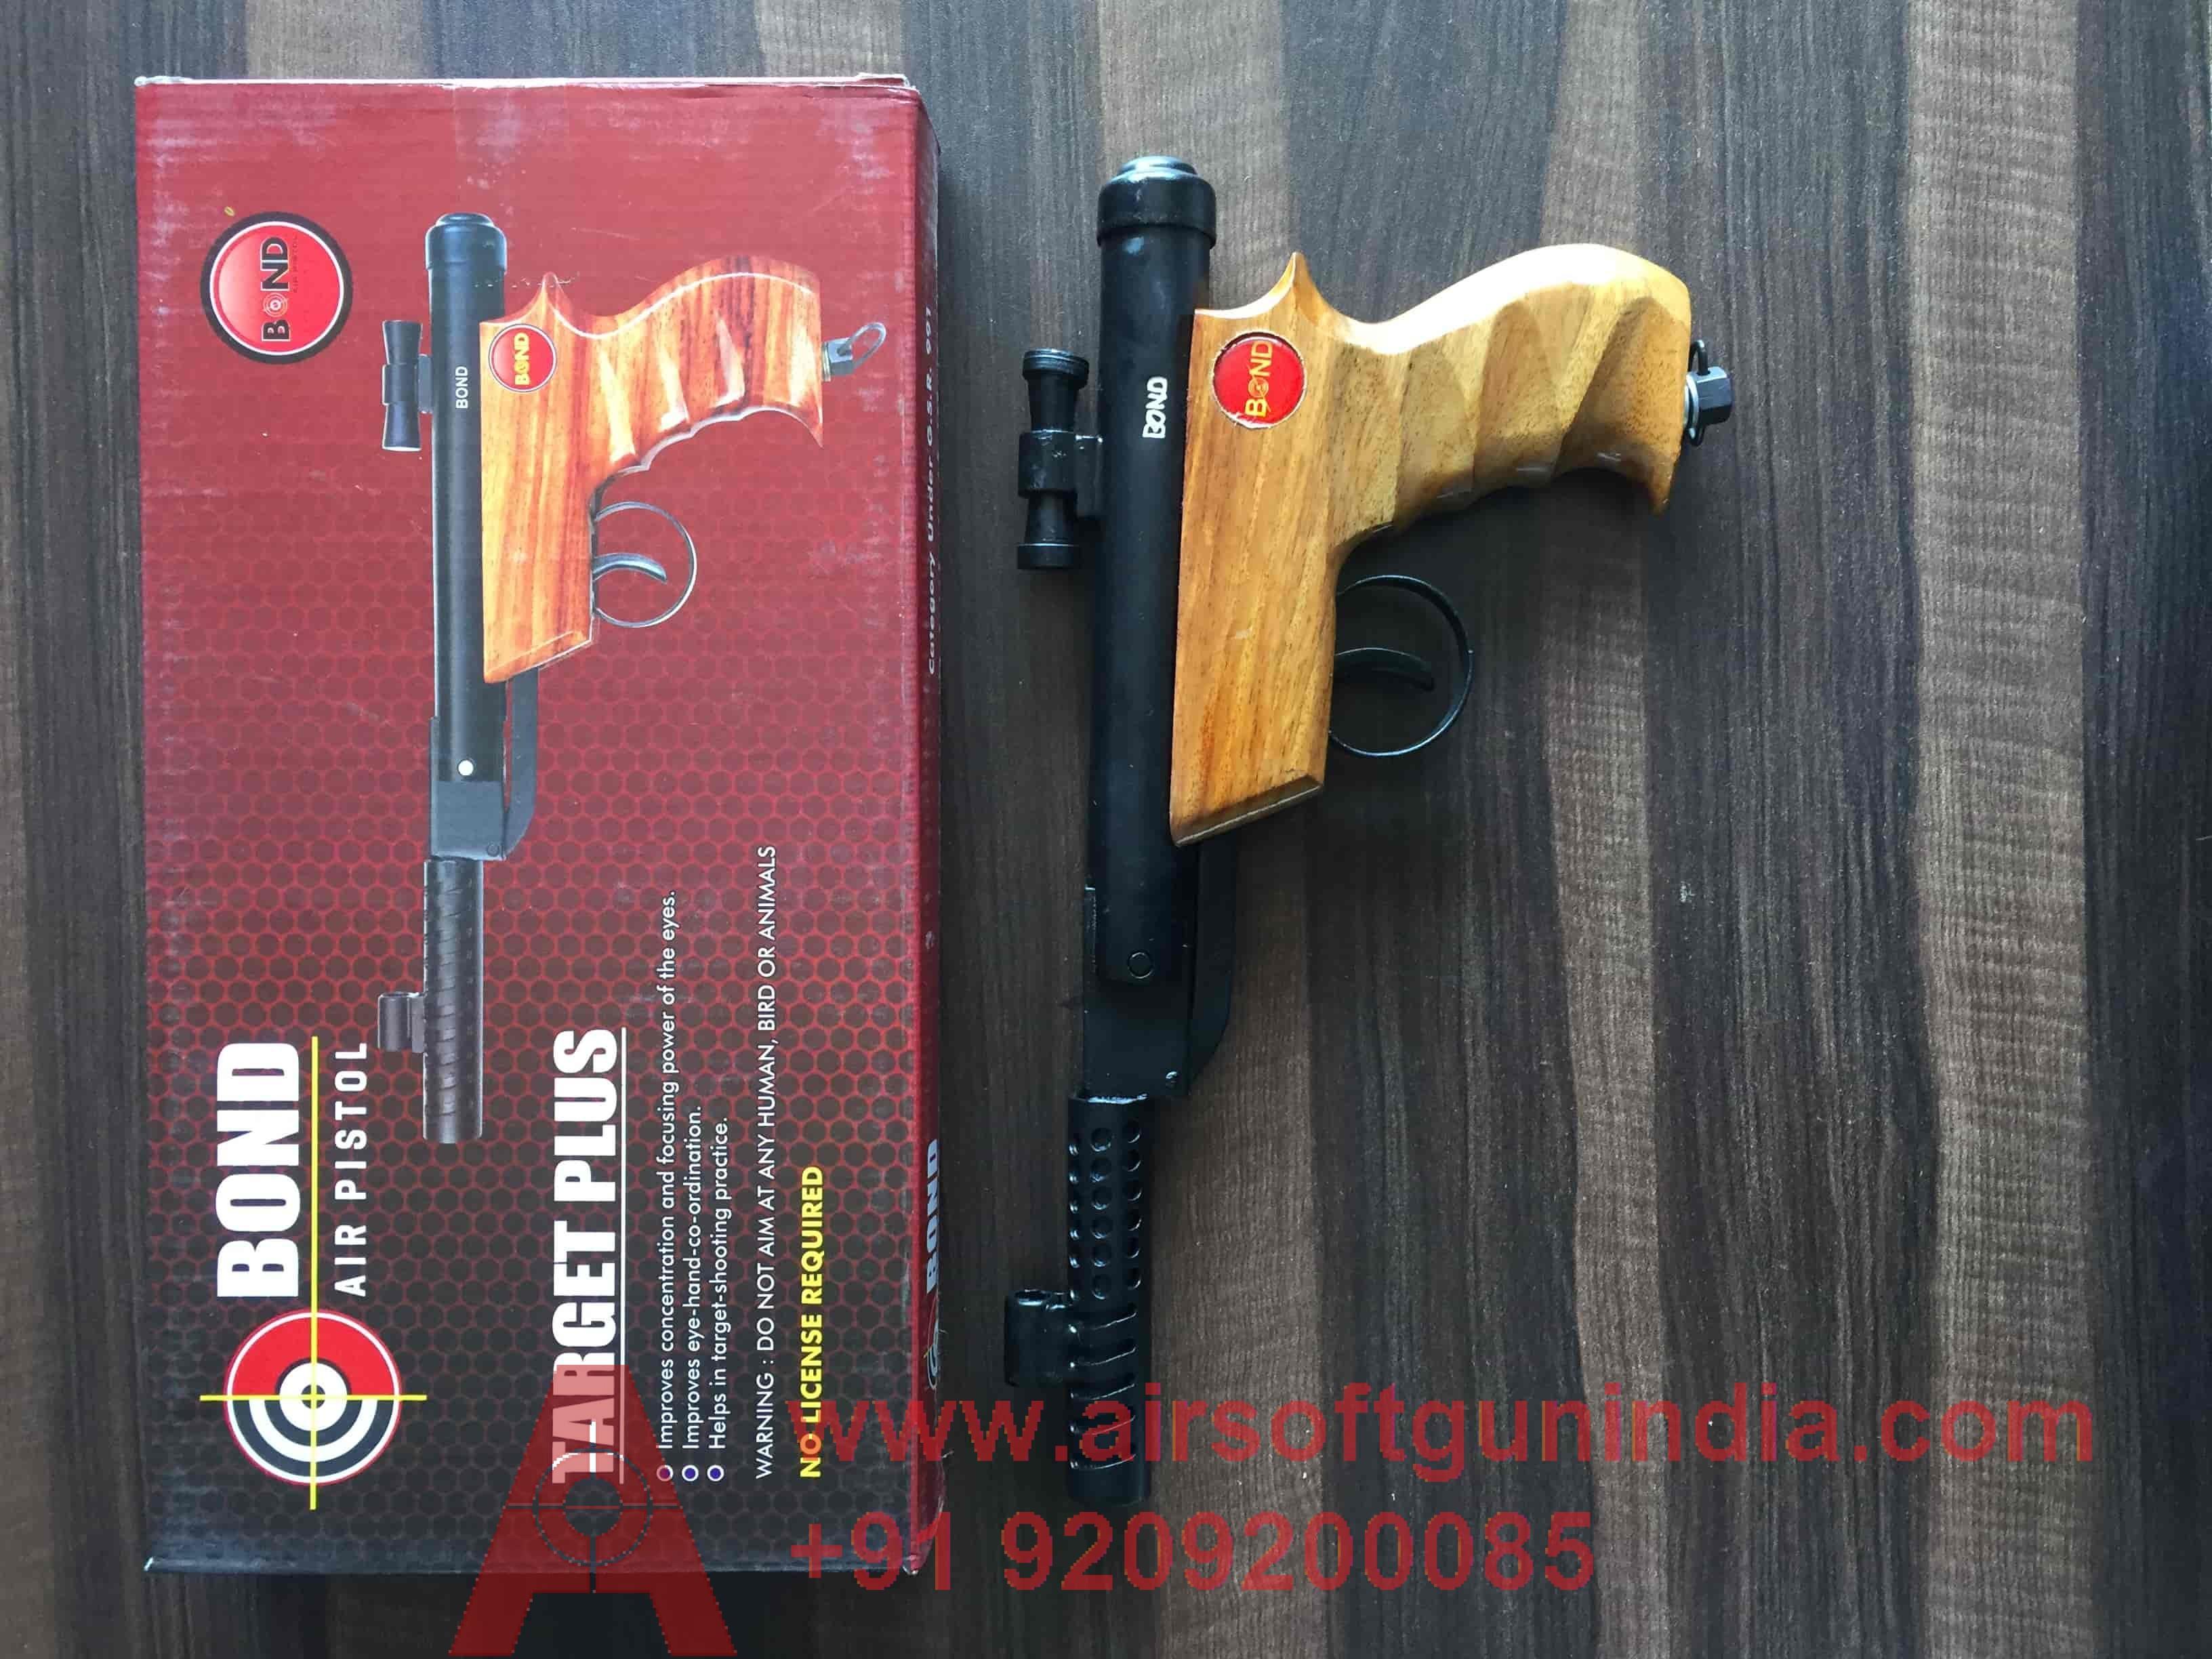 Bond Target Plus  (wooden Handle)  Air Gun In India